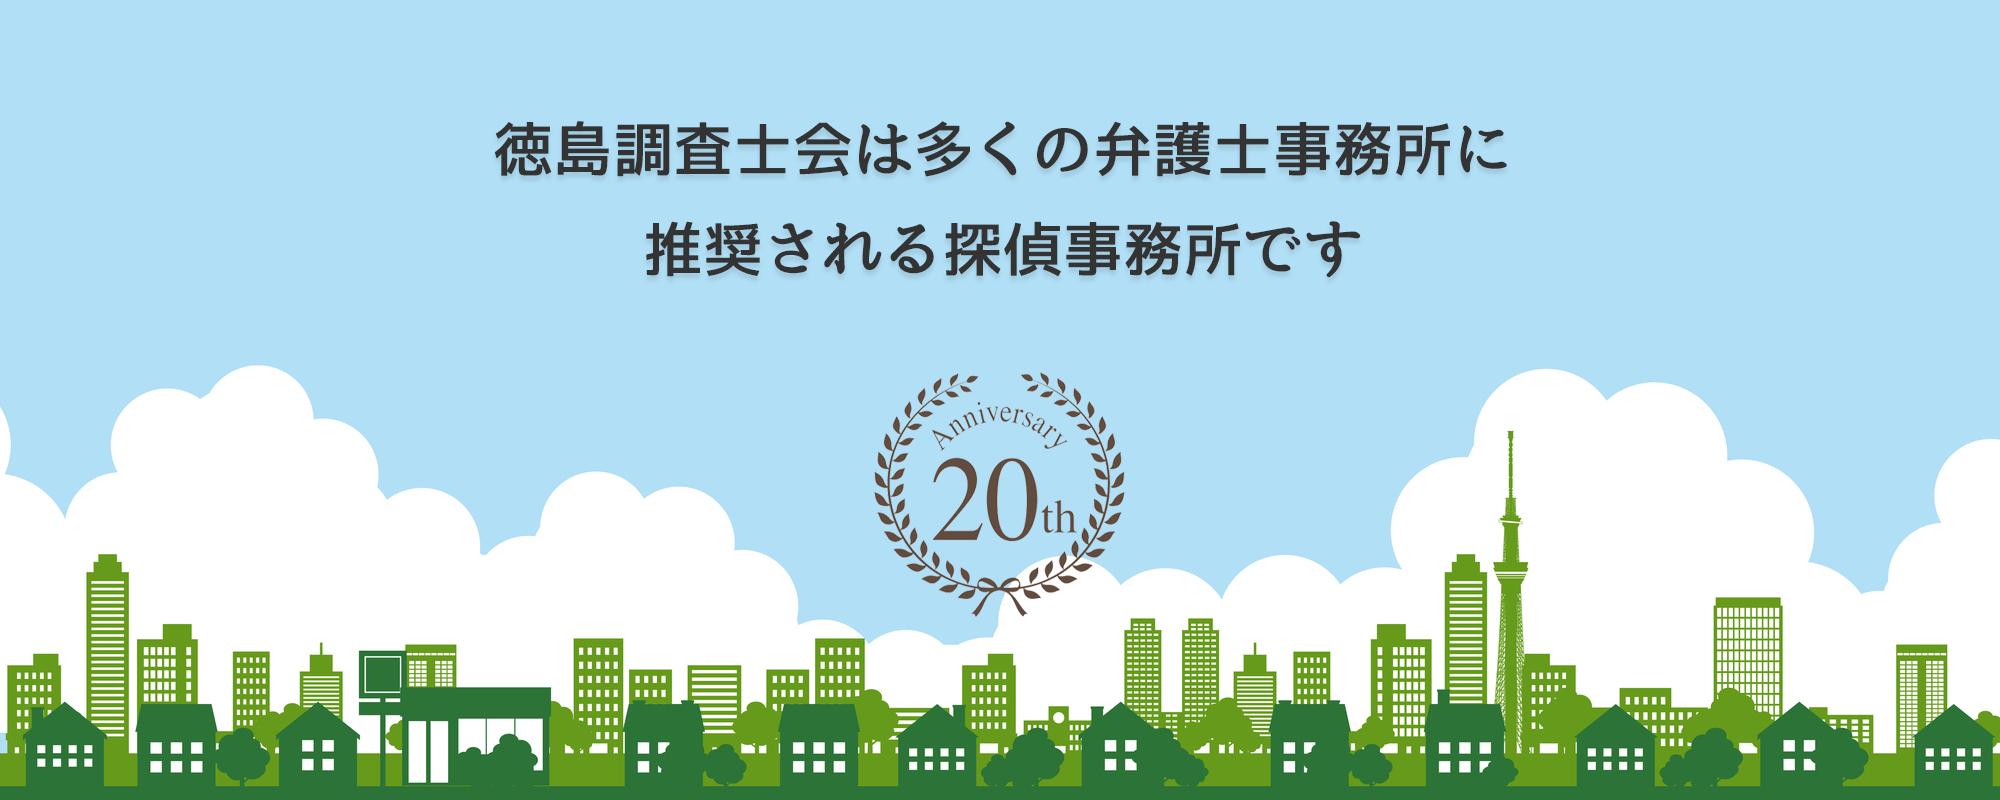 徳島相談室は多くの弁護士事務所に推奨されています。